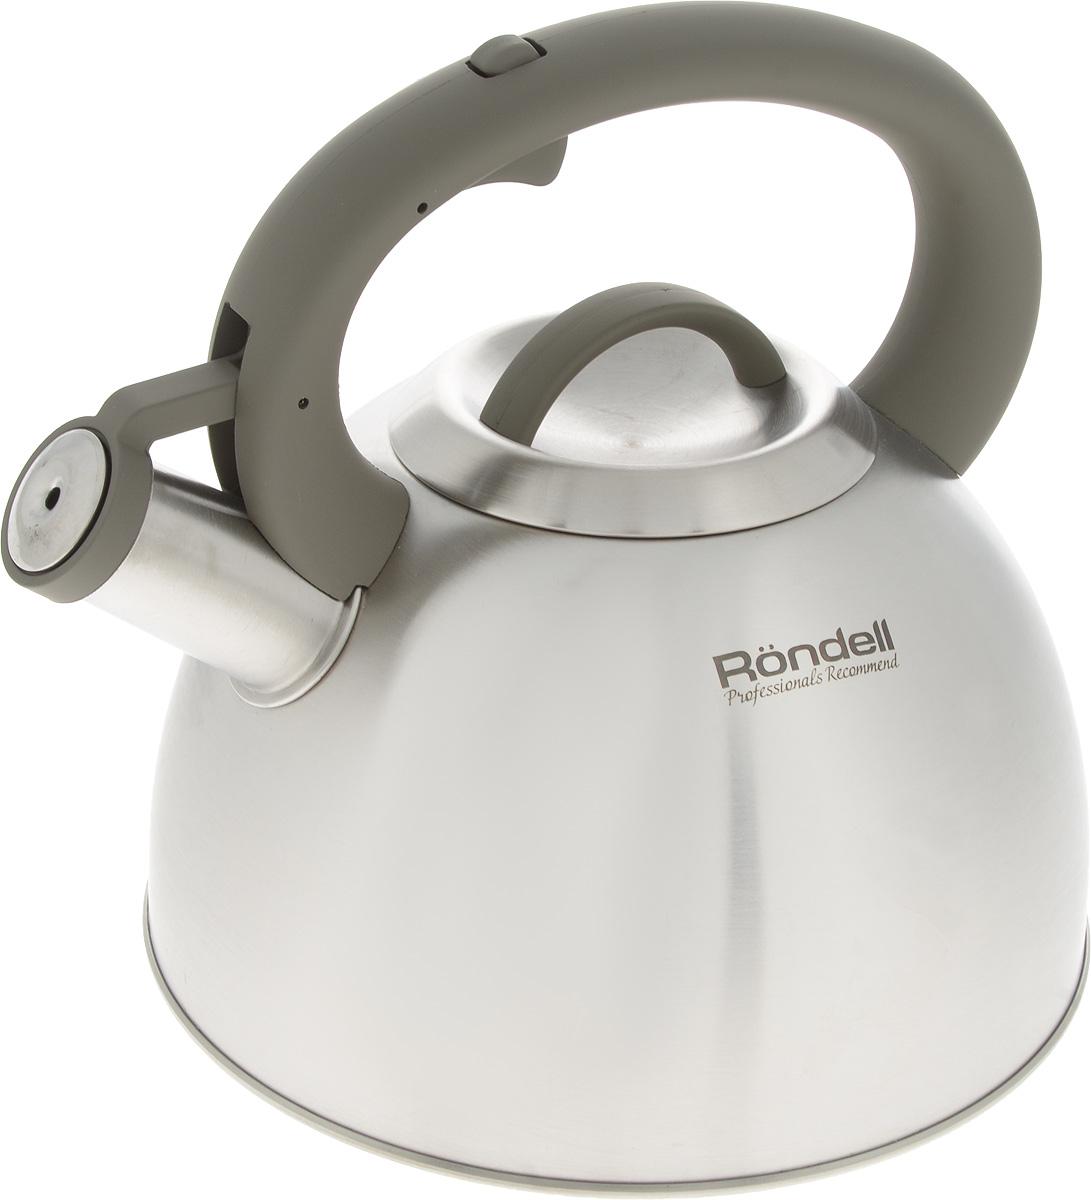 Чайник Rondell Balance, со свистком, 3 лVT-1520(SR)Чайник Rondell Balance изготовлен из высококачественной нержавеющей стали 18/10 с матовой полировкой. Нержавеющая сталь обладает высокой устойчивостью к коррозии, не вступает в реакцию с холодными и горячими продуктами и полностью сохраняет их вкусовые качества.Чайник оснащен фиксированной ручкой из бакелита с покрытием Soft-Touch. Носик чайника имеет откидной свисток, звуковой сигнал которого подскажет, когда закипит вода.Благодаря чайнику Rondell Balance, вы будете постоянно ощущать тепло и уют на вашей кухне.Подходит для всех типов плит, включая индукционные. Можно мыть в посудомоечной машине. Диаметр (по верхнему краю): 10 см. Высота (без учета ручки и крышки): 13 см. Высота (с учетом ручки): 23 см